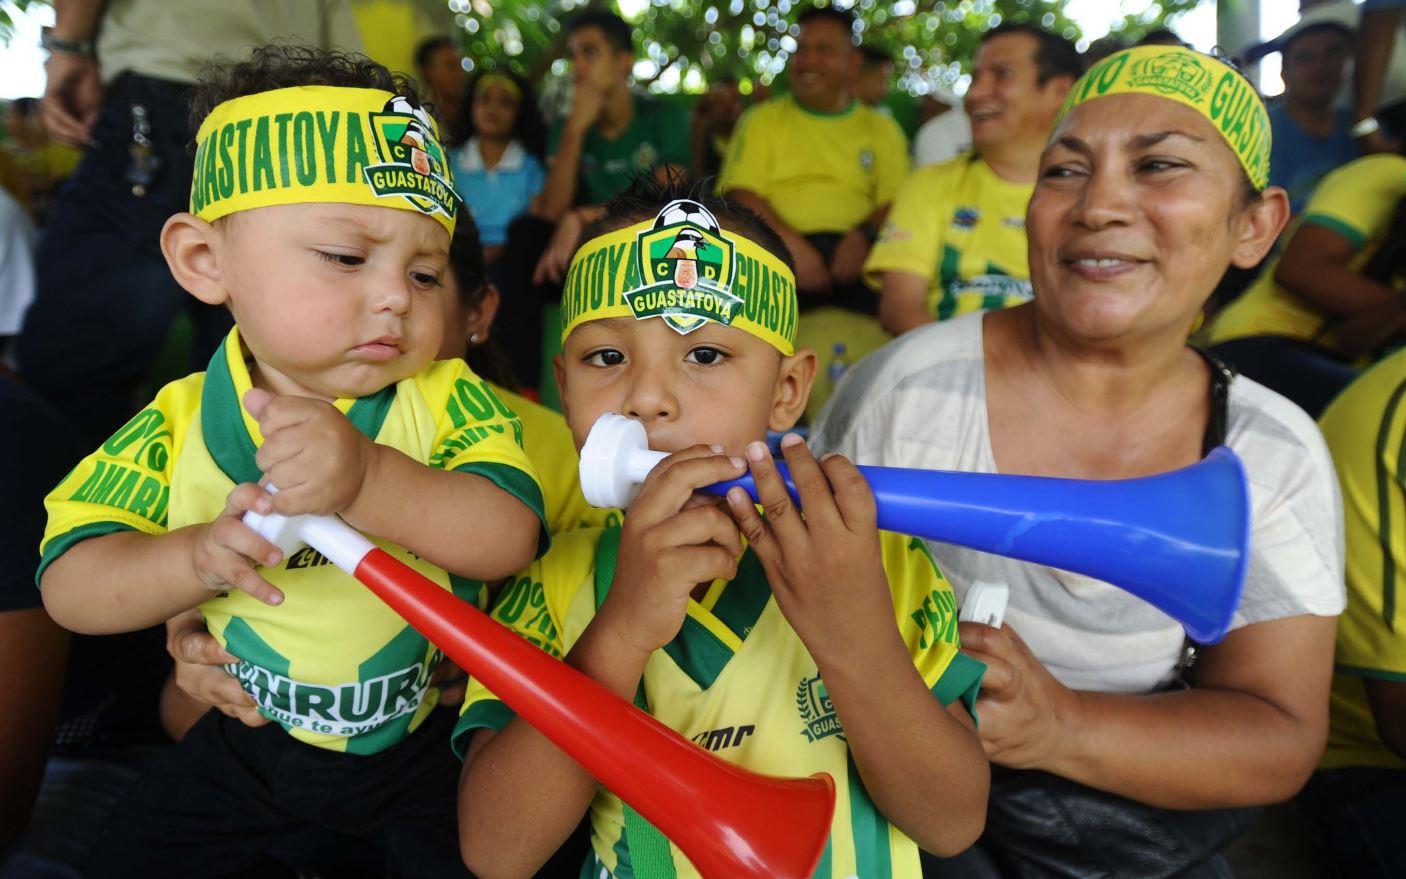 La directiva de Guasta espera tener el mejor ingreso en la serie contra Malacateco. (Foto Prensa Libre: Francisco Sánchez).